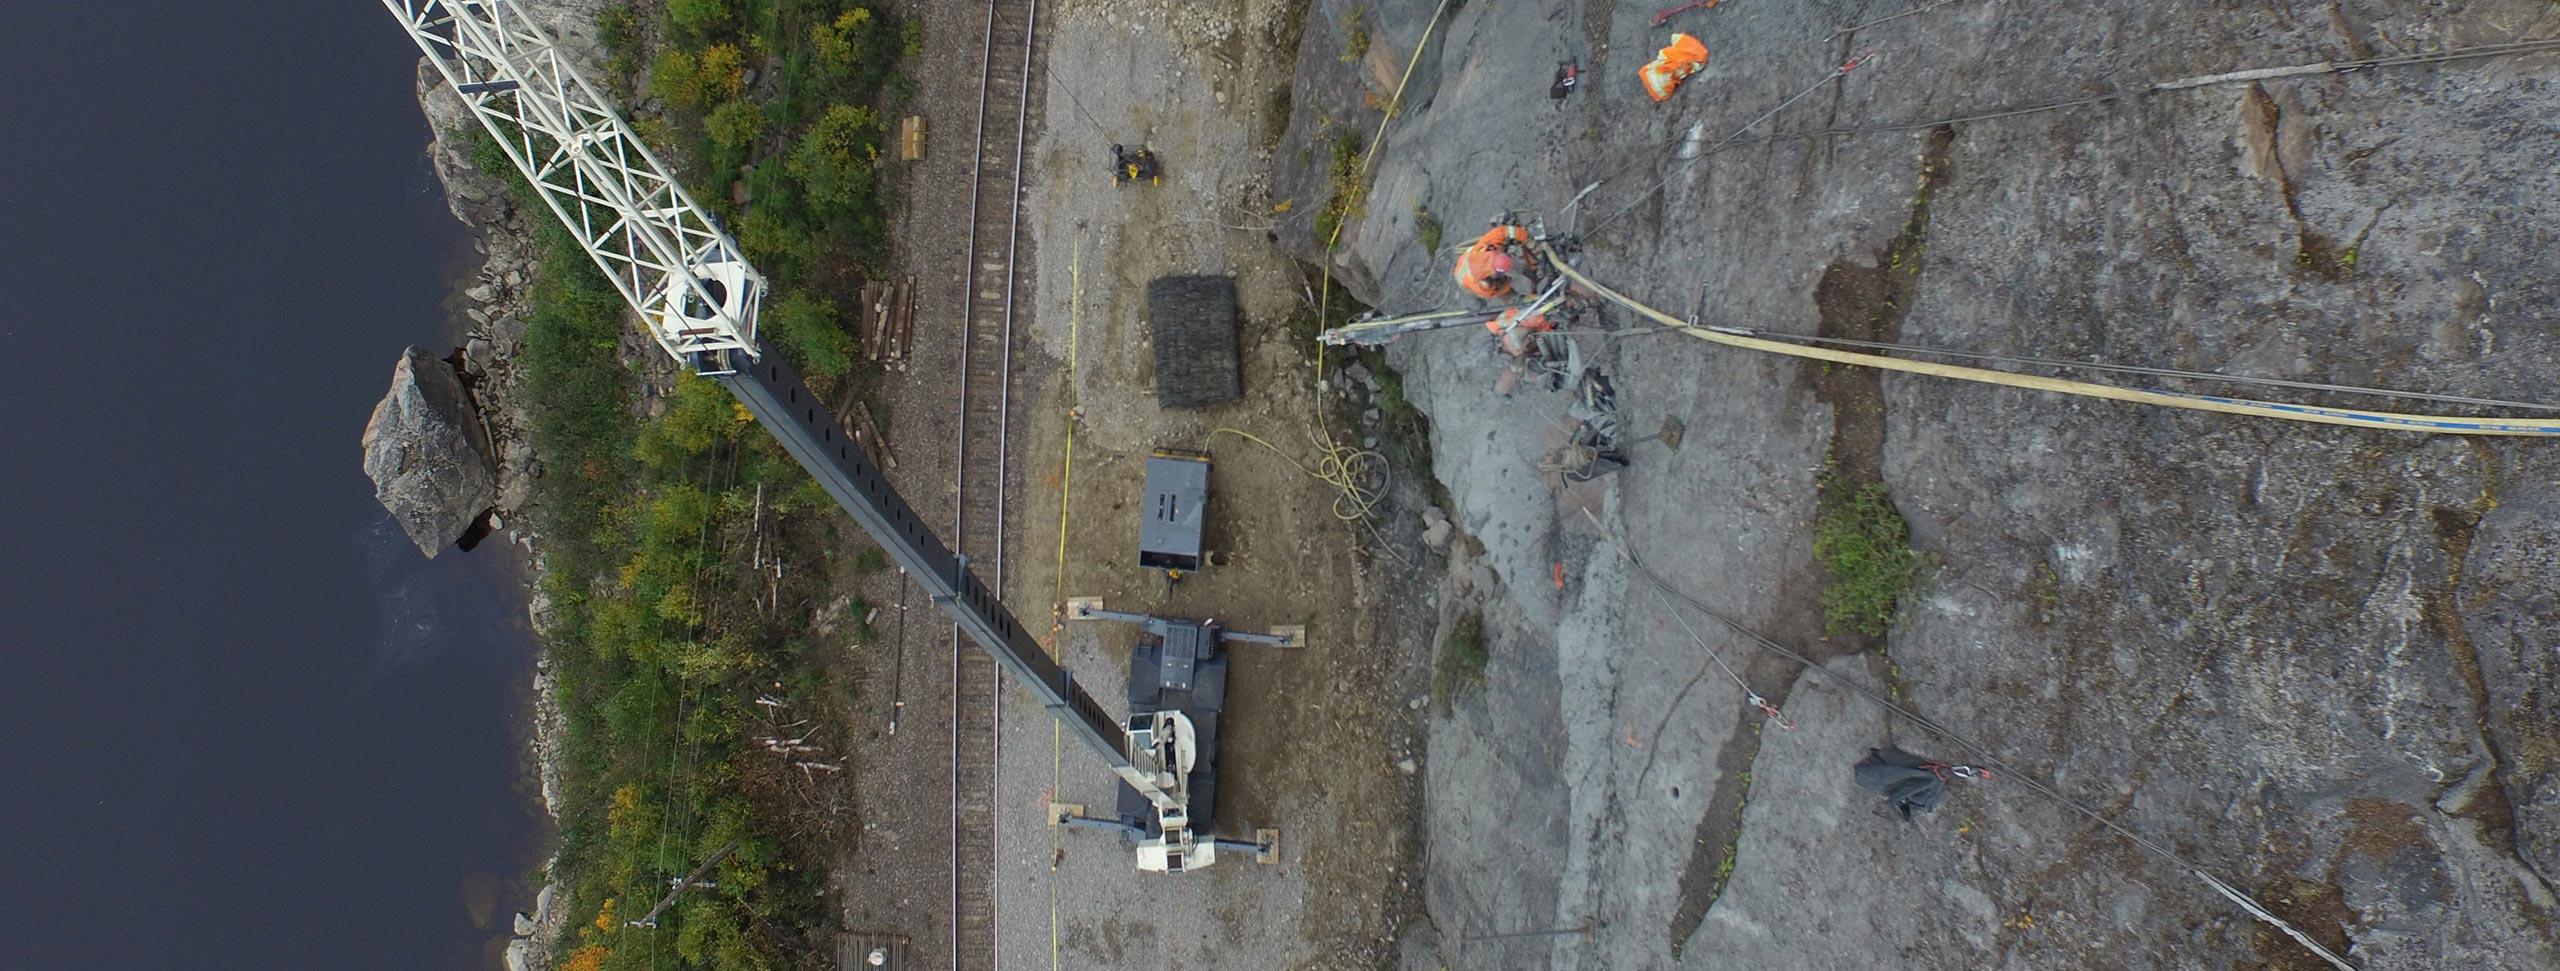 construction-parois-rocheuses-drone-web